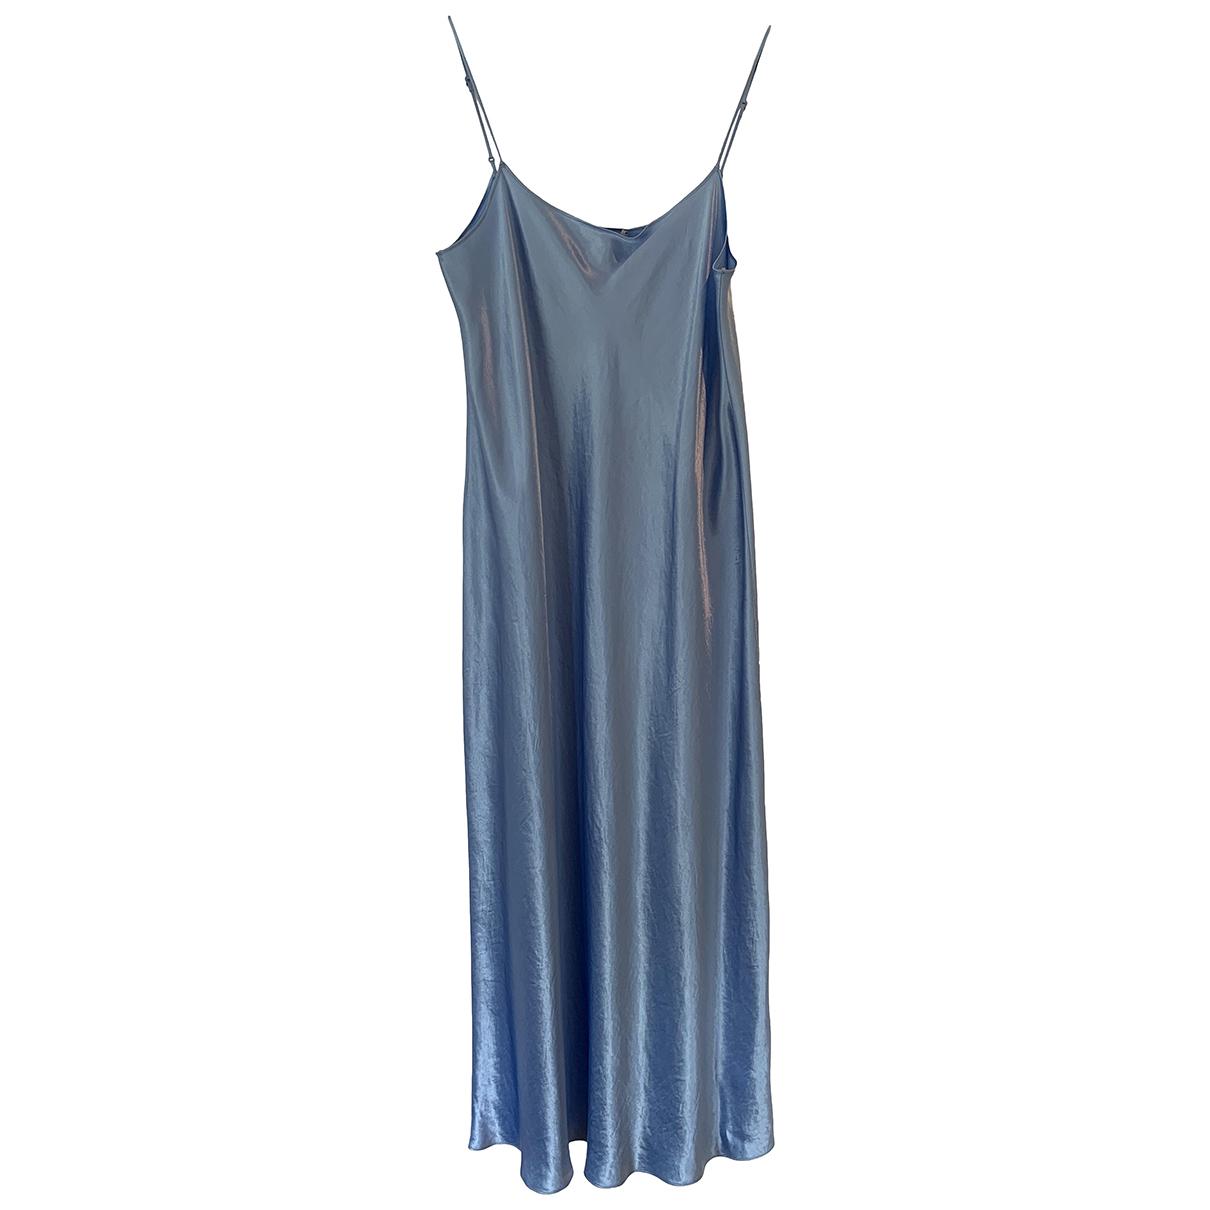 Vince - Robe   pour femme - bleu